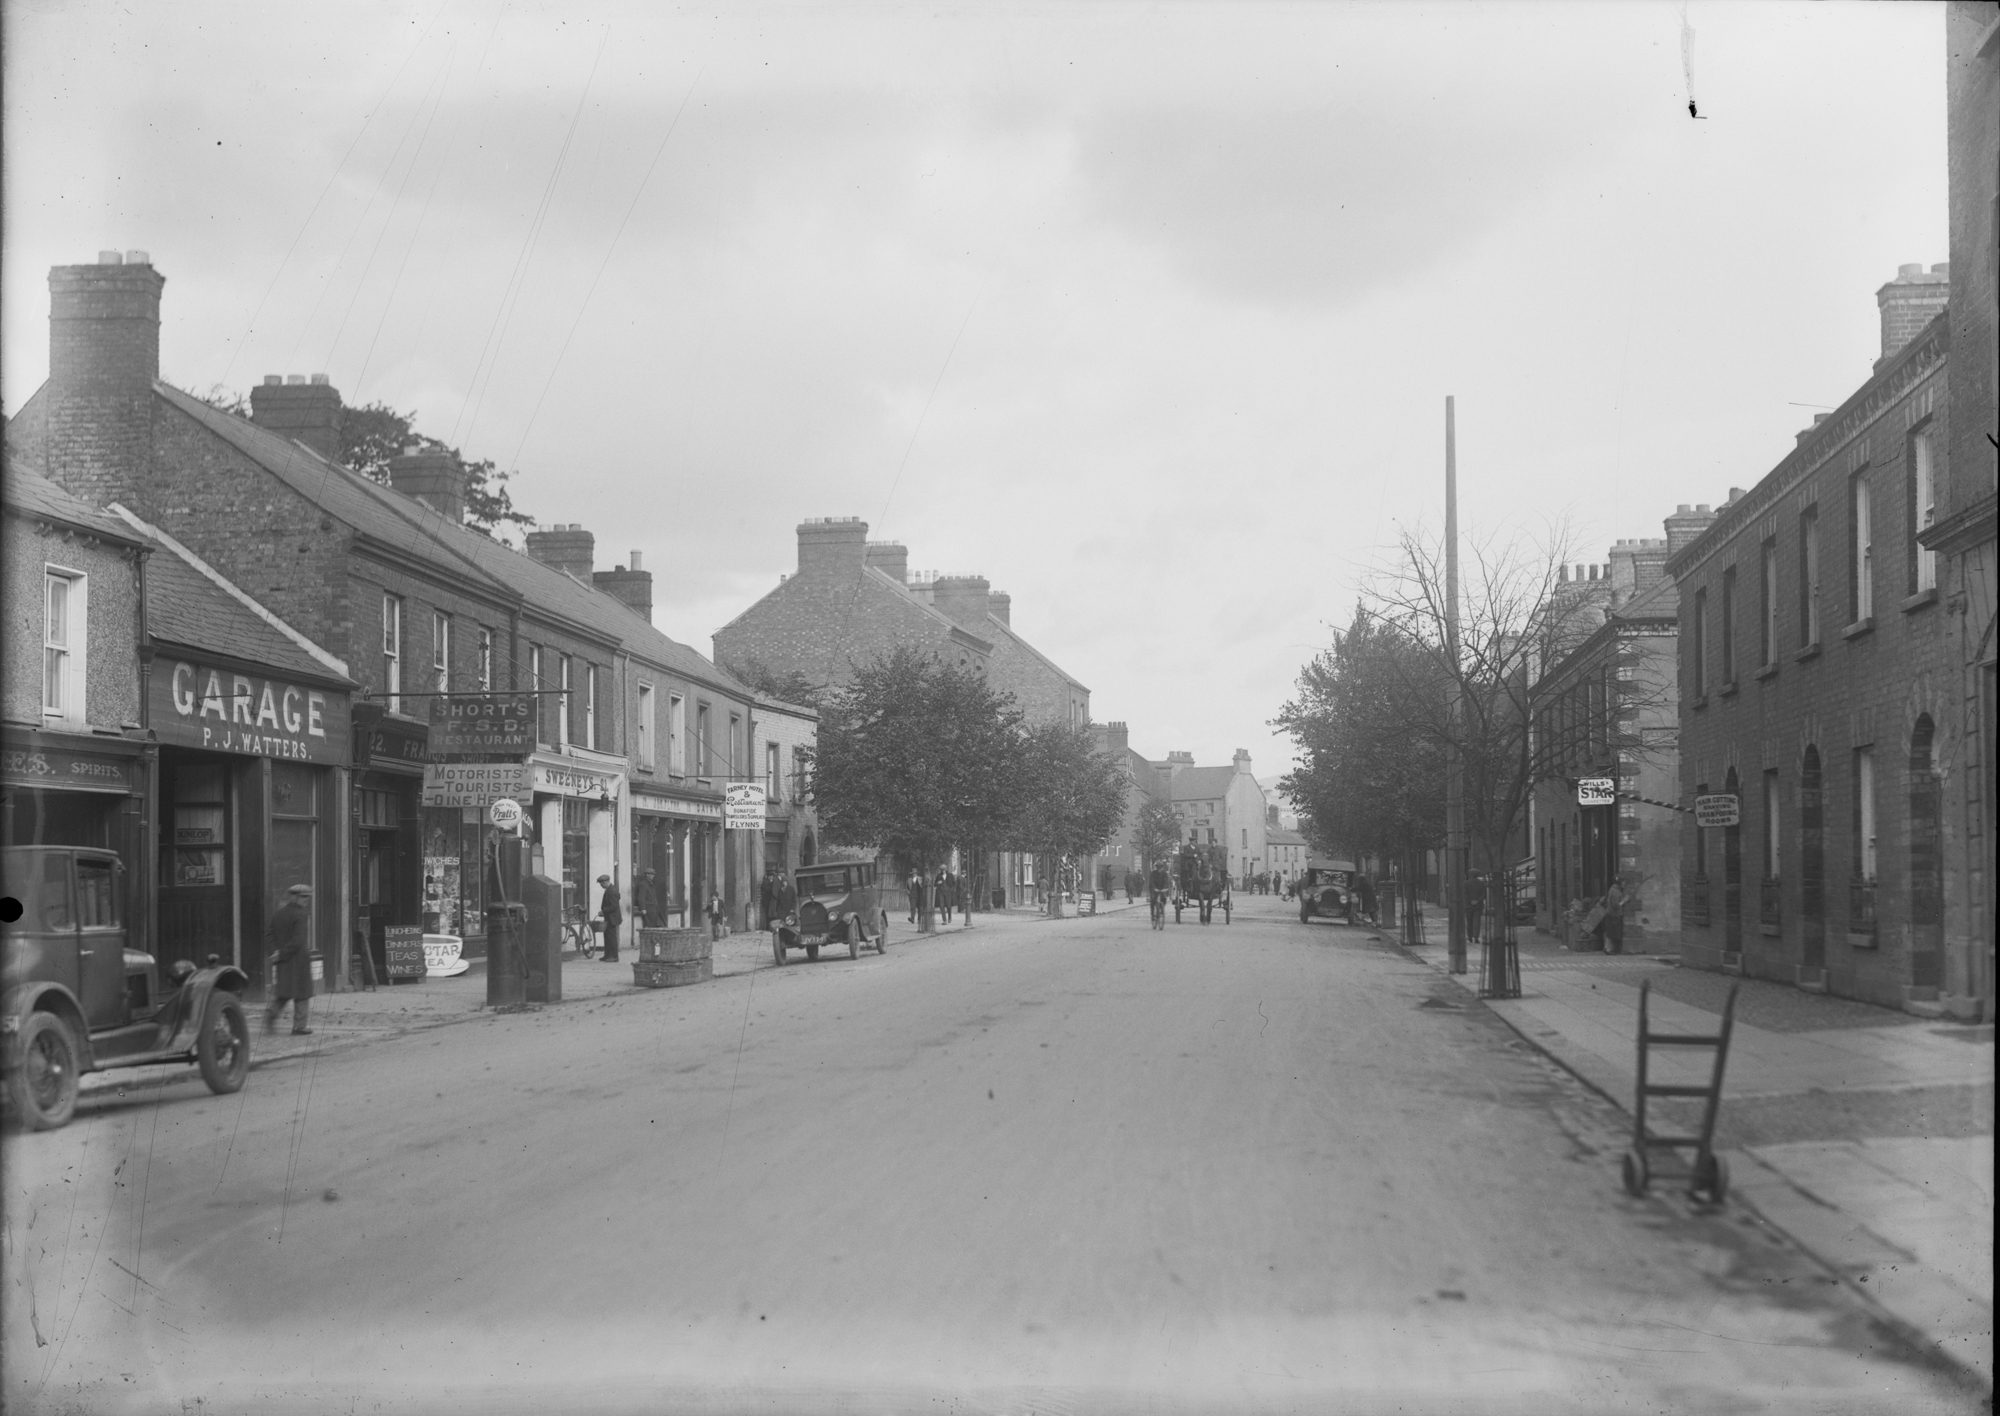 Park Street, Dundalk, Co. Louth